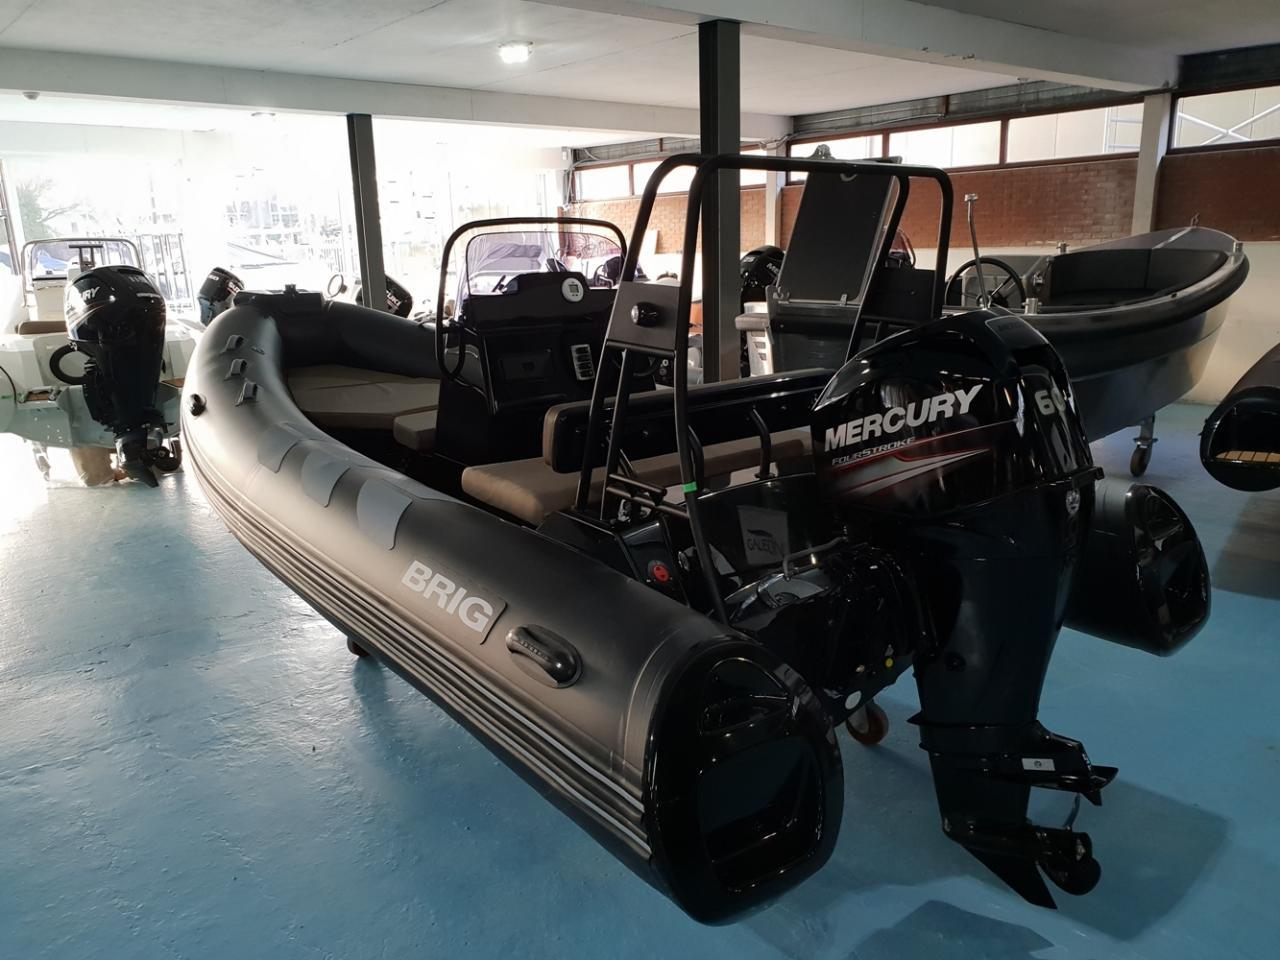 Brig 485 navigator met Mercury 60 pk 5